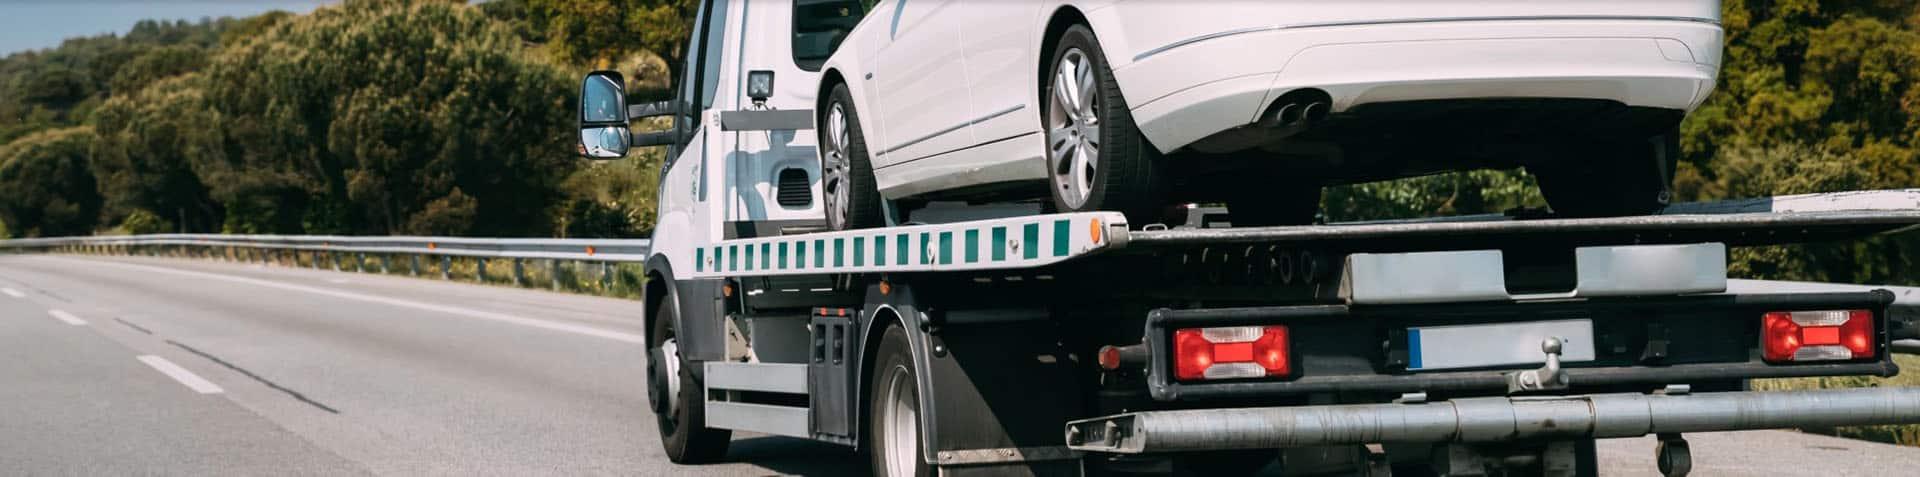 rent a truck banner truck hire